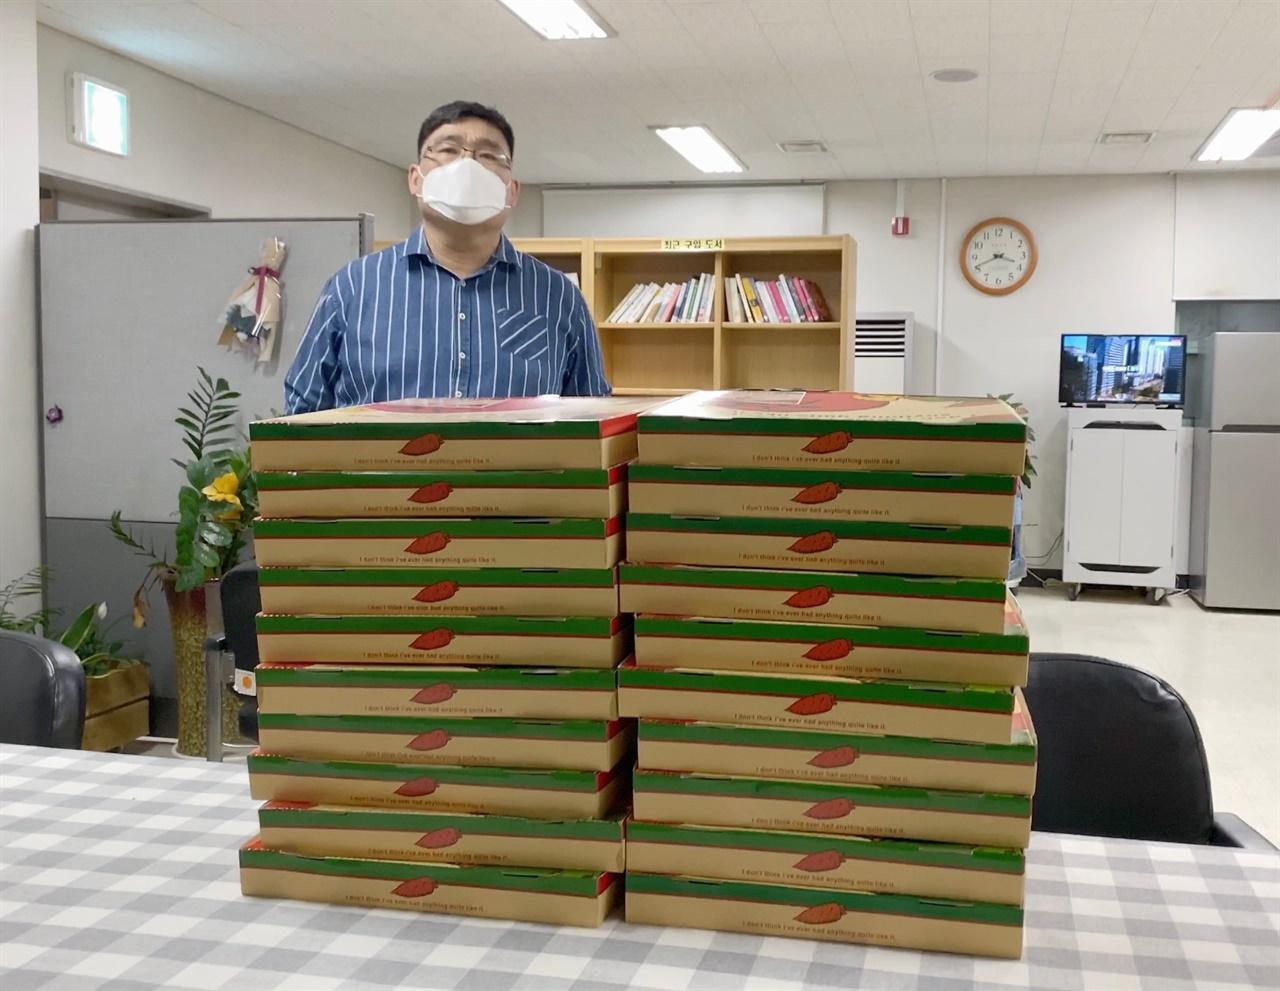 간식응원을 처음 시작한 '발렌타인 피자' 오인성씨. 32년째 피자집을 운영하고 있다. 처음에는 보건소로, 사진 속 장소는 군산의료원이다. 피자 30판은 '금강인쇄소'를 운영하는 노승민 대표가 의료진들을 응원하는 간식이다.